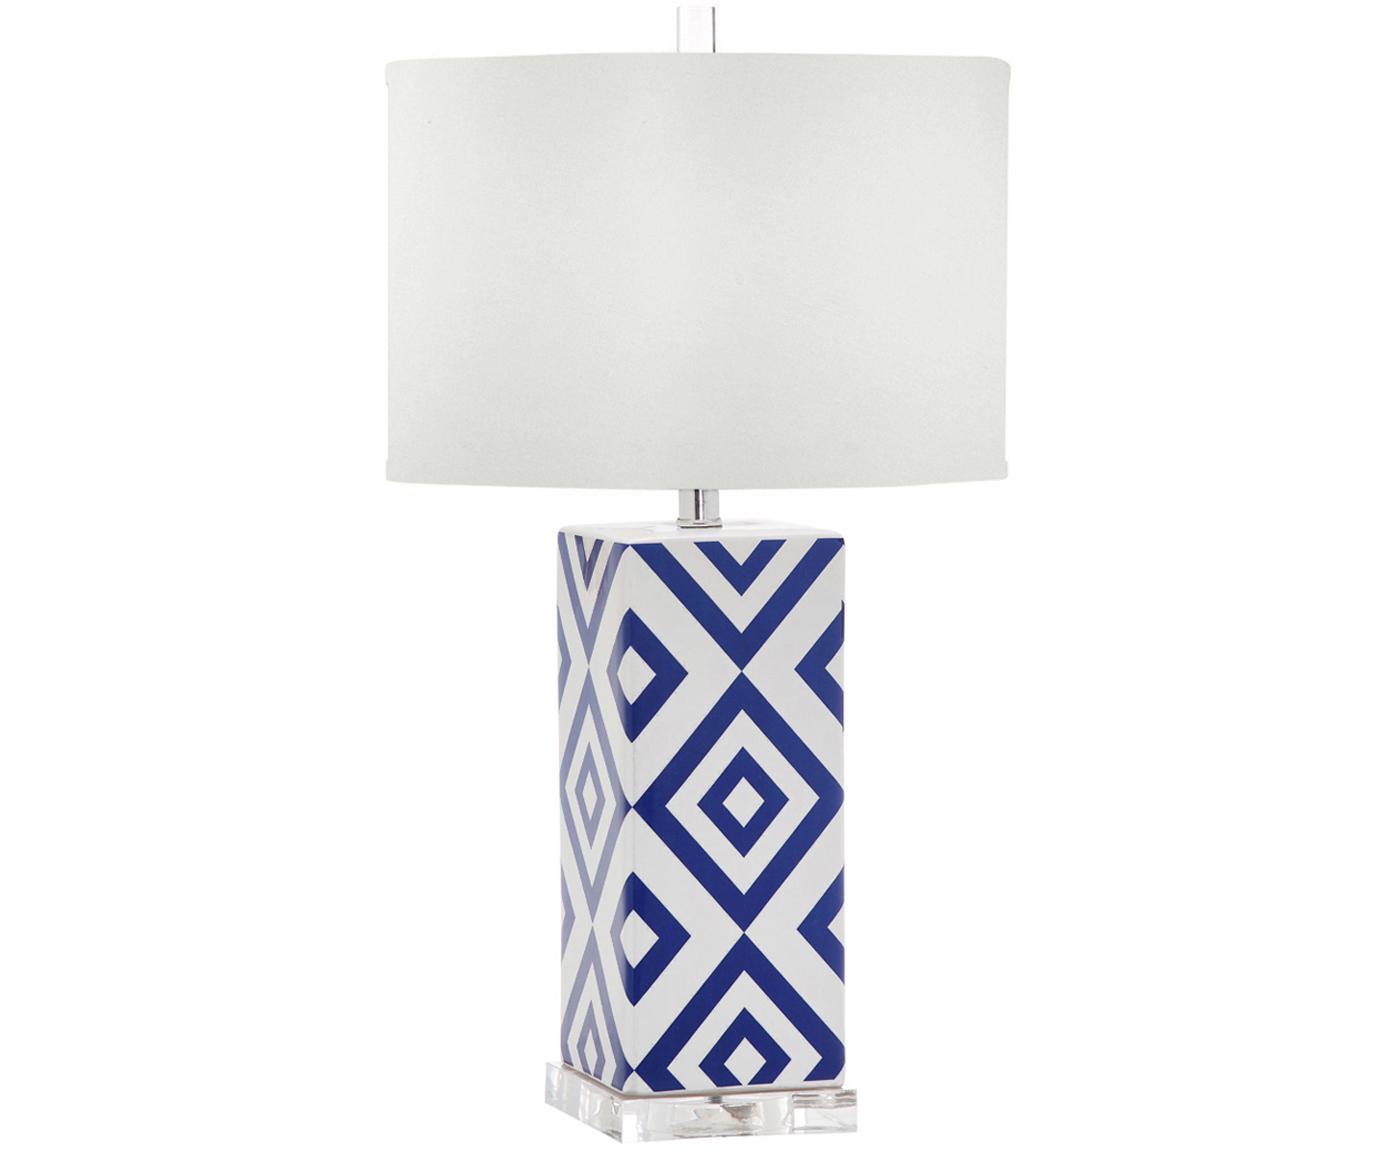 Lámparas de mesa grandesPatricia, 2uds., Cerámica, acrílico, Azul, blanco, Ø 38 x Al 69 cm